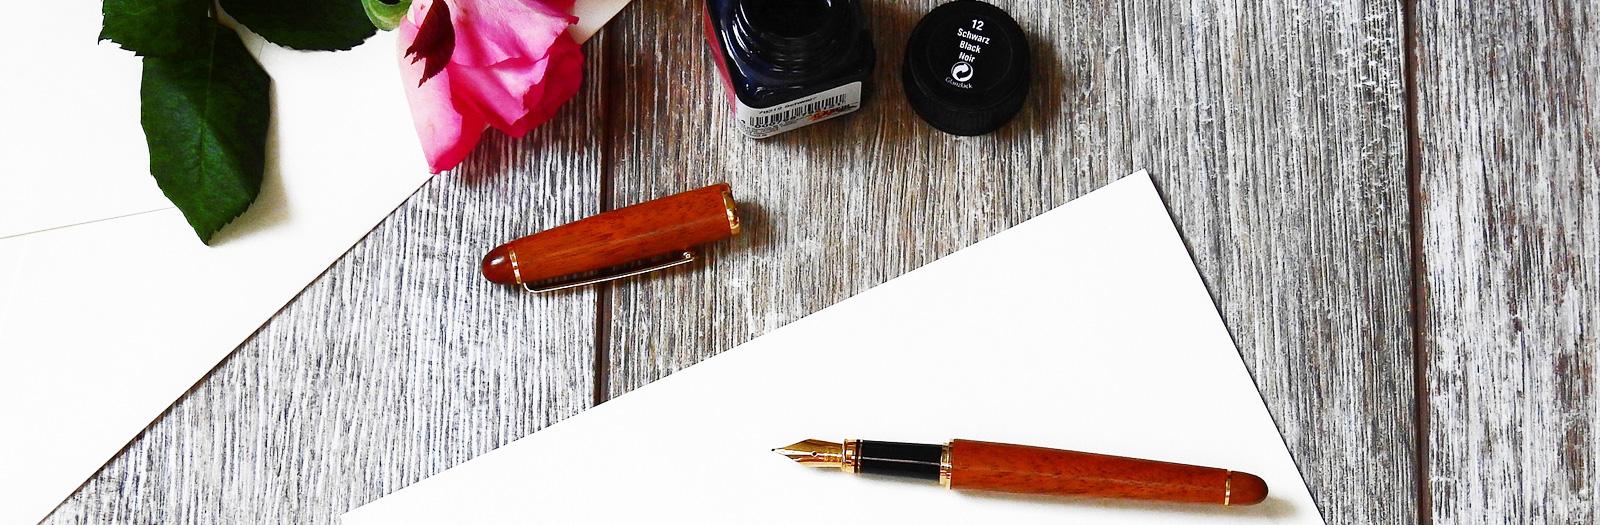 Dein Onlineshop für Schreibwaren